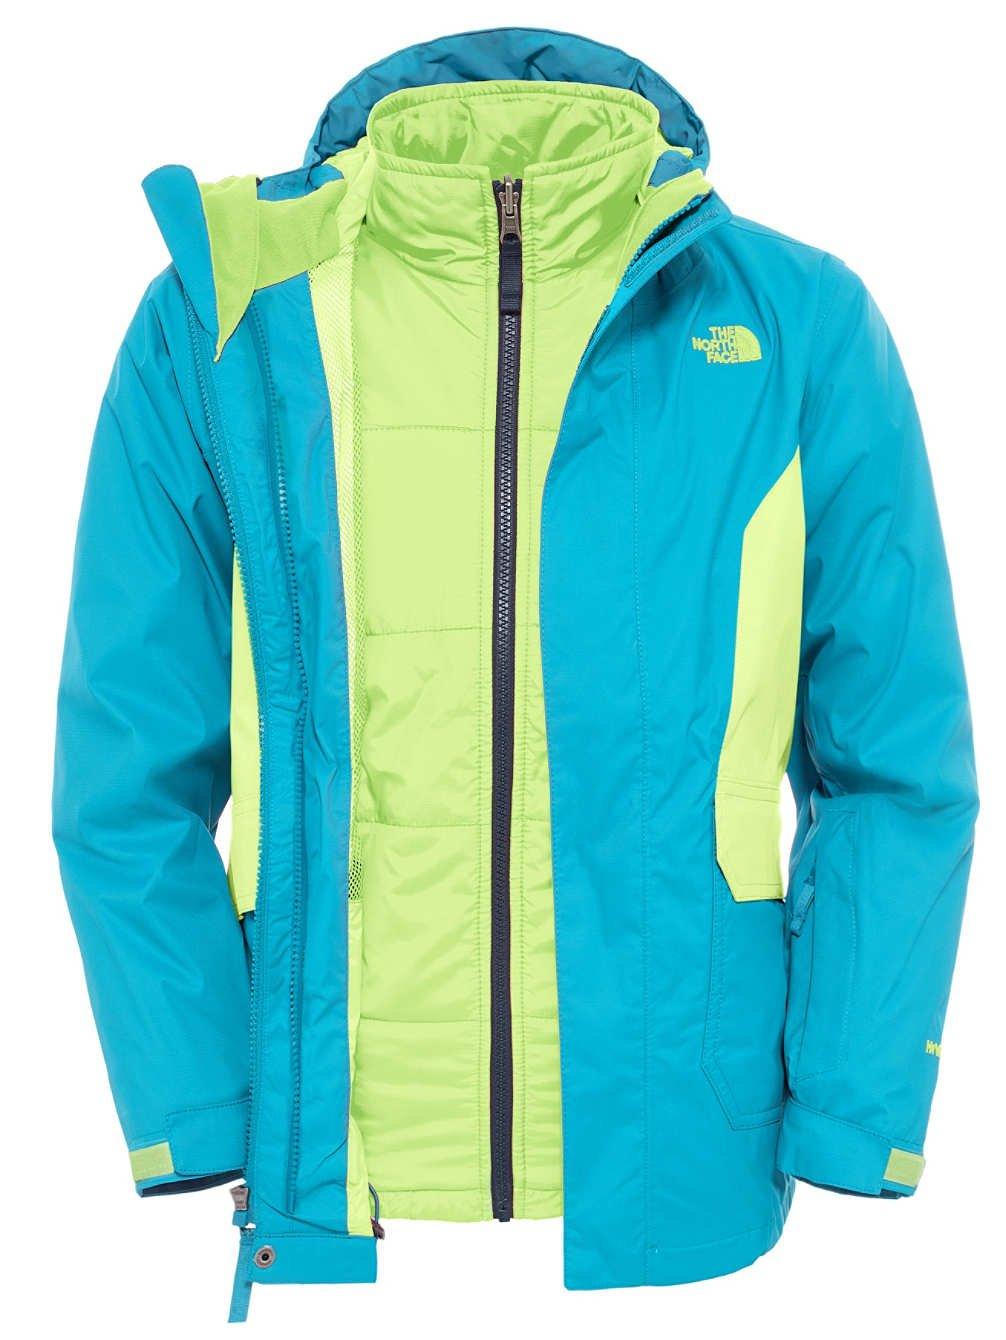 The North Face Boundary Triclimate Boys Ski Jacket - Large/Enamel Blue